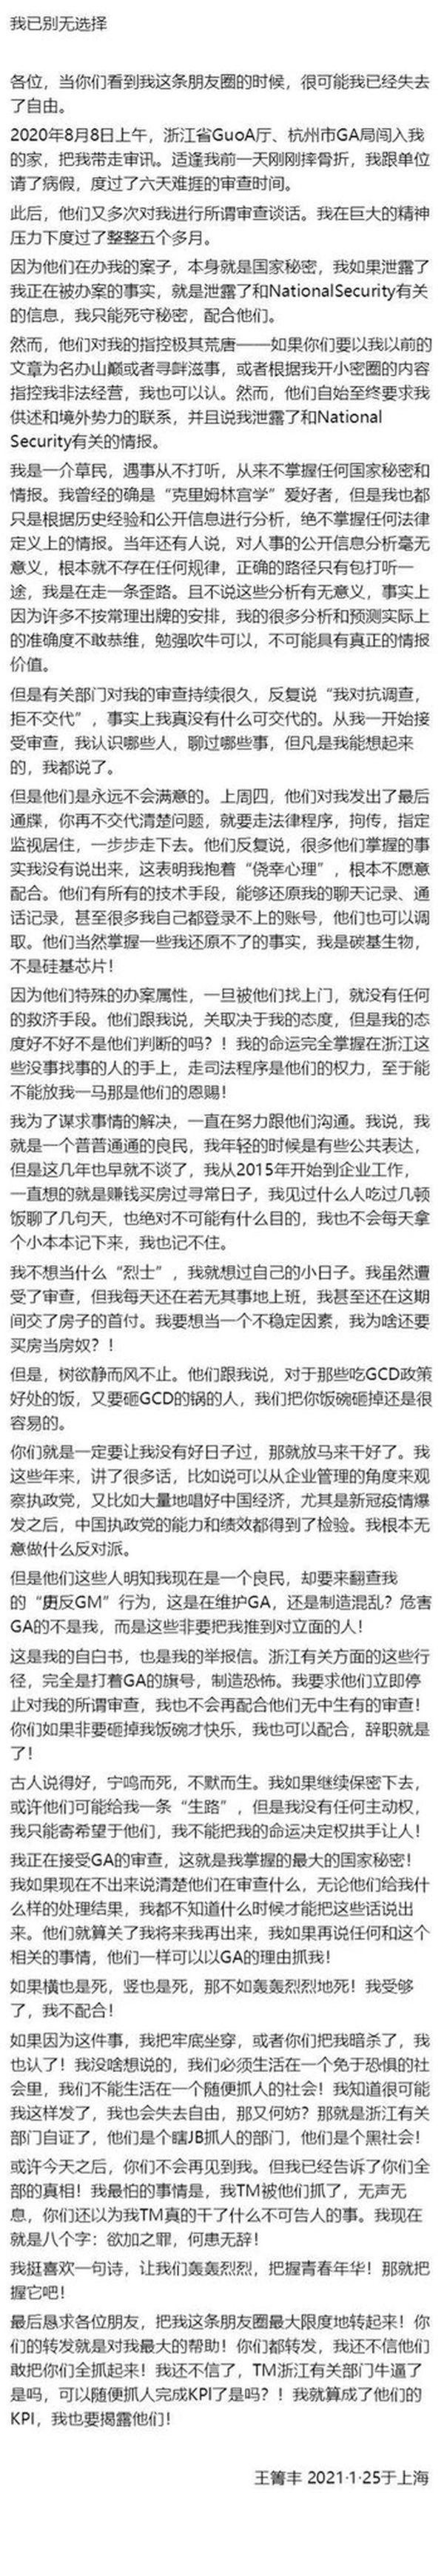 中国大陆知名媒体人王箐丰:我受够了我不配合!